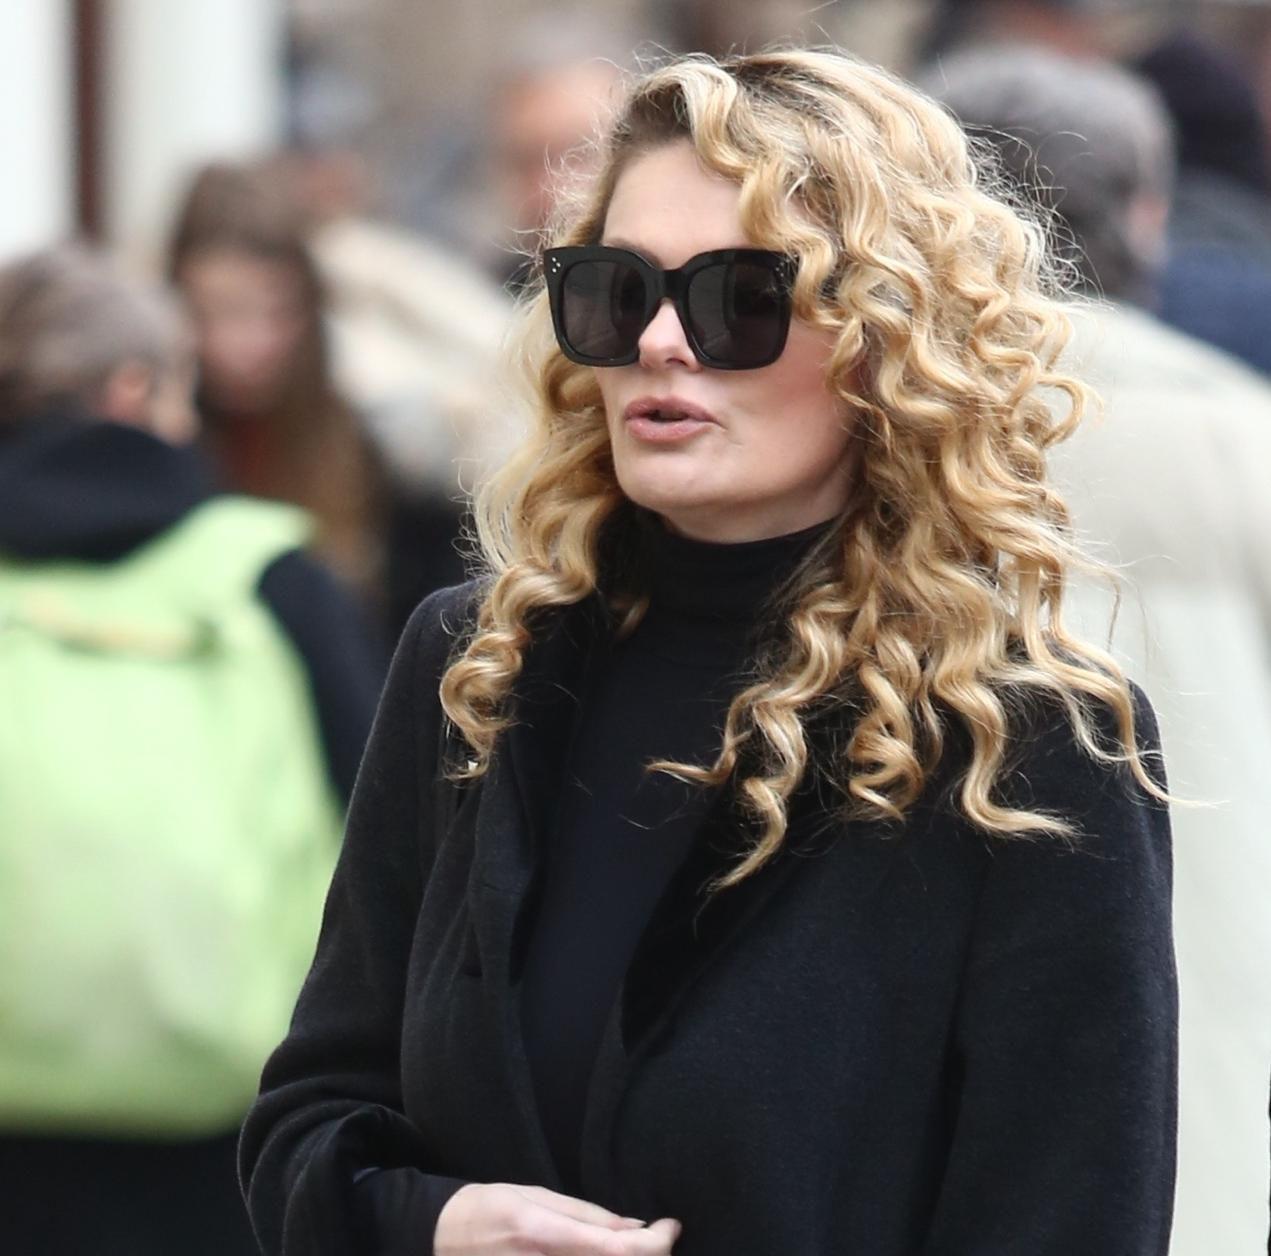 Elegantan kaput i cool tenisice? Ona je pokazala da mogu izgledati odlično!